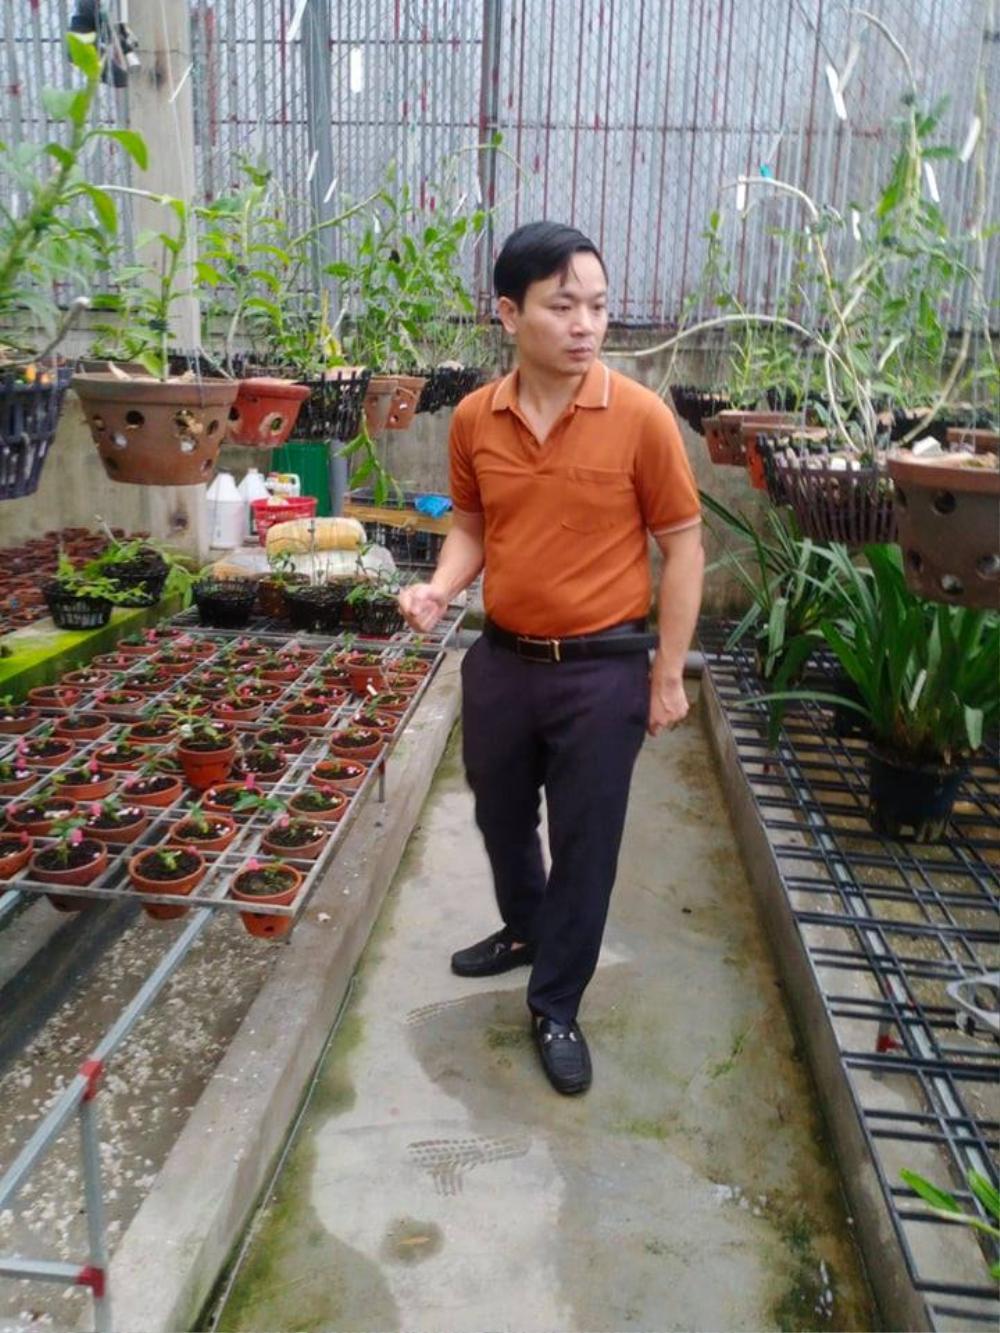 Ông chủ 7X Mạnh Hùng và bí quyết thành công khi trồng lan Ảnh 2